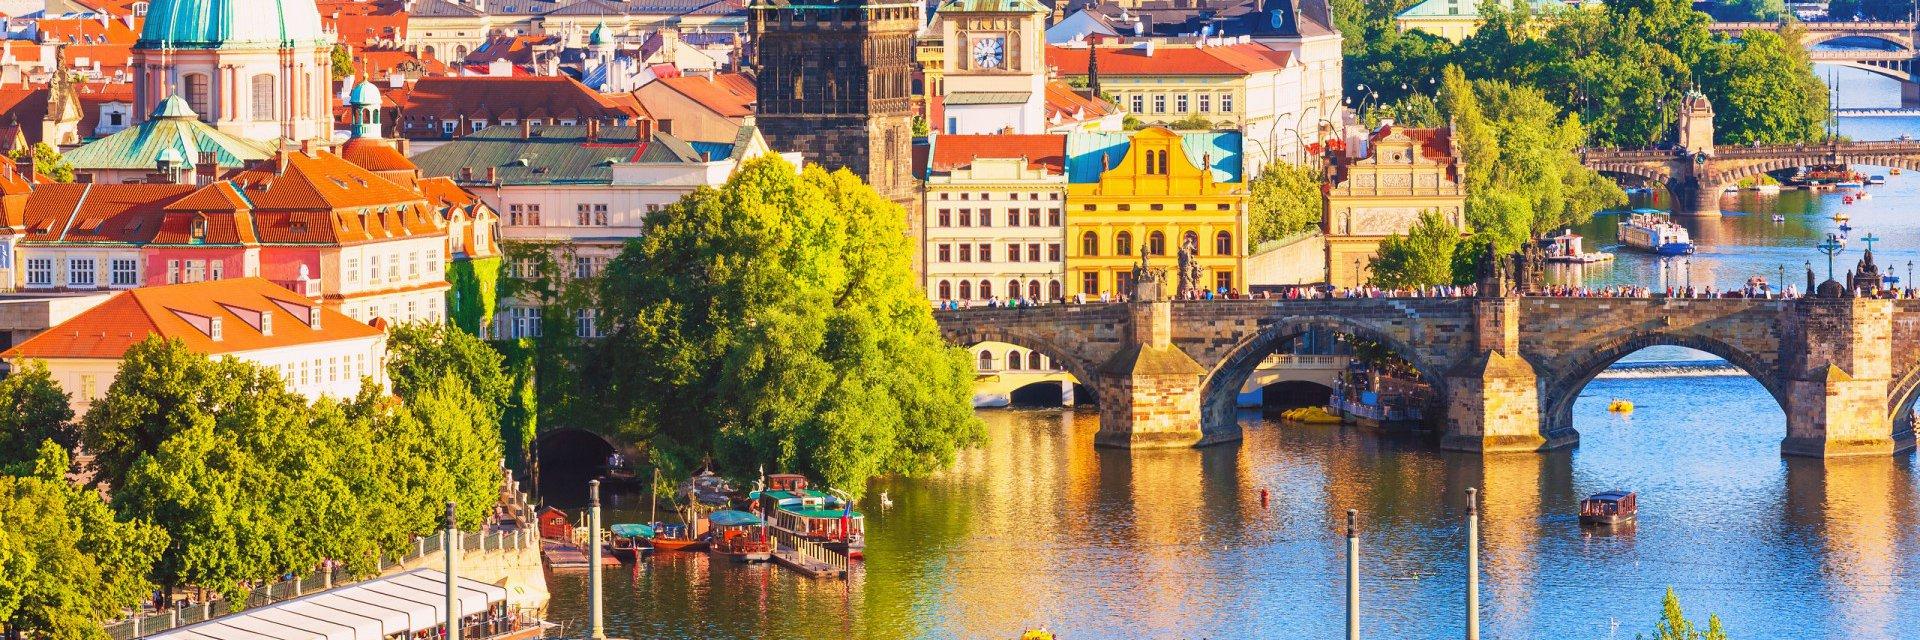 Туры в Чехию 2020, путевки из Москвы - цены на отдых в Чехии - ПАКС